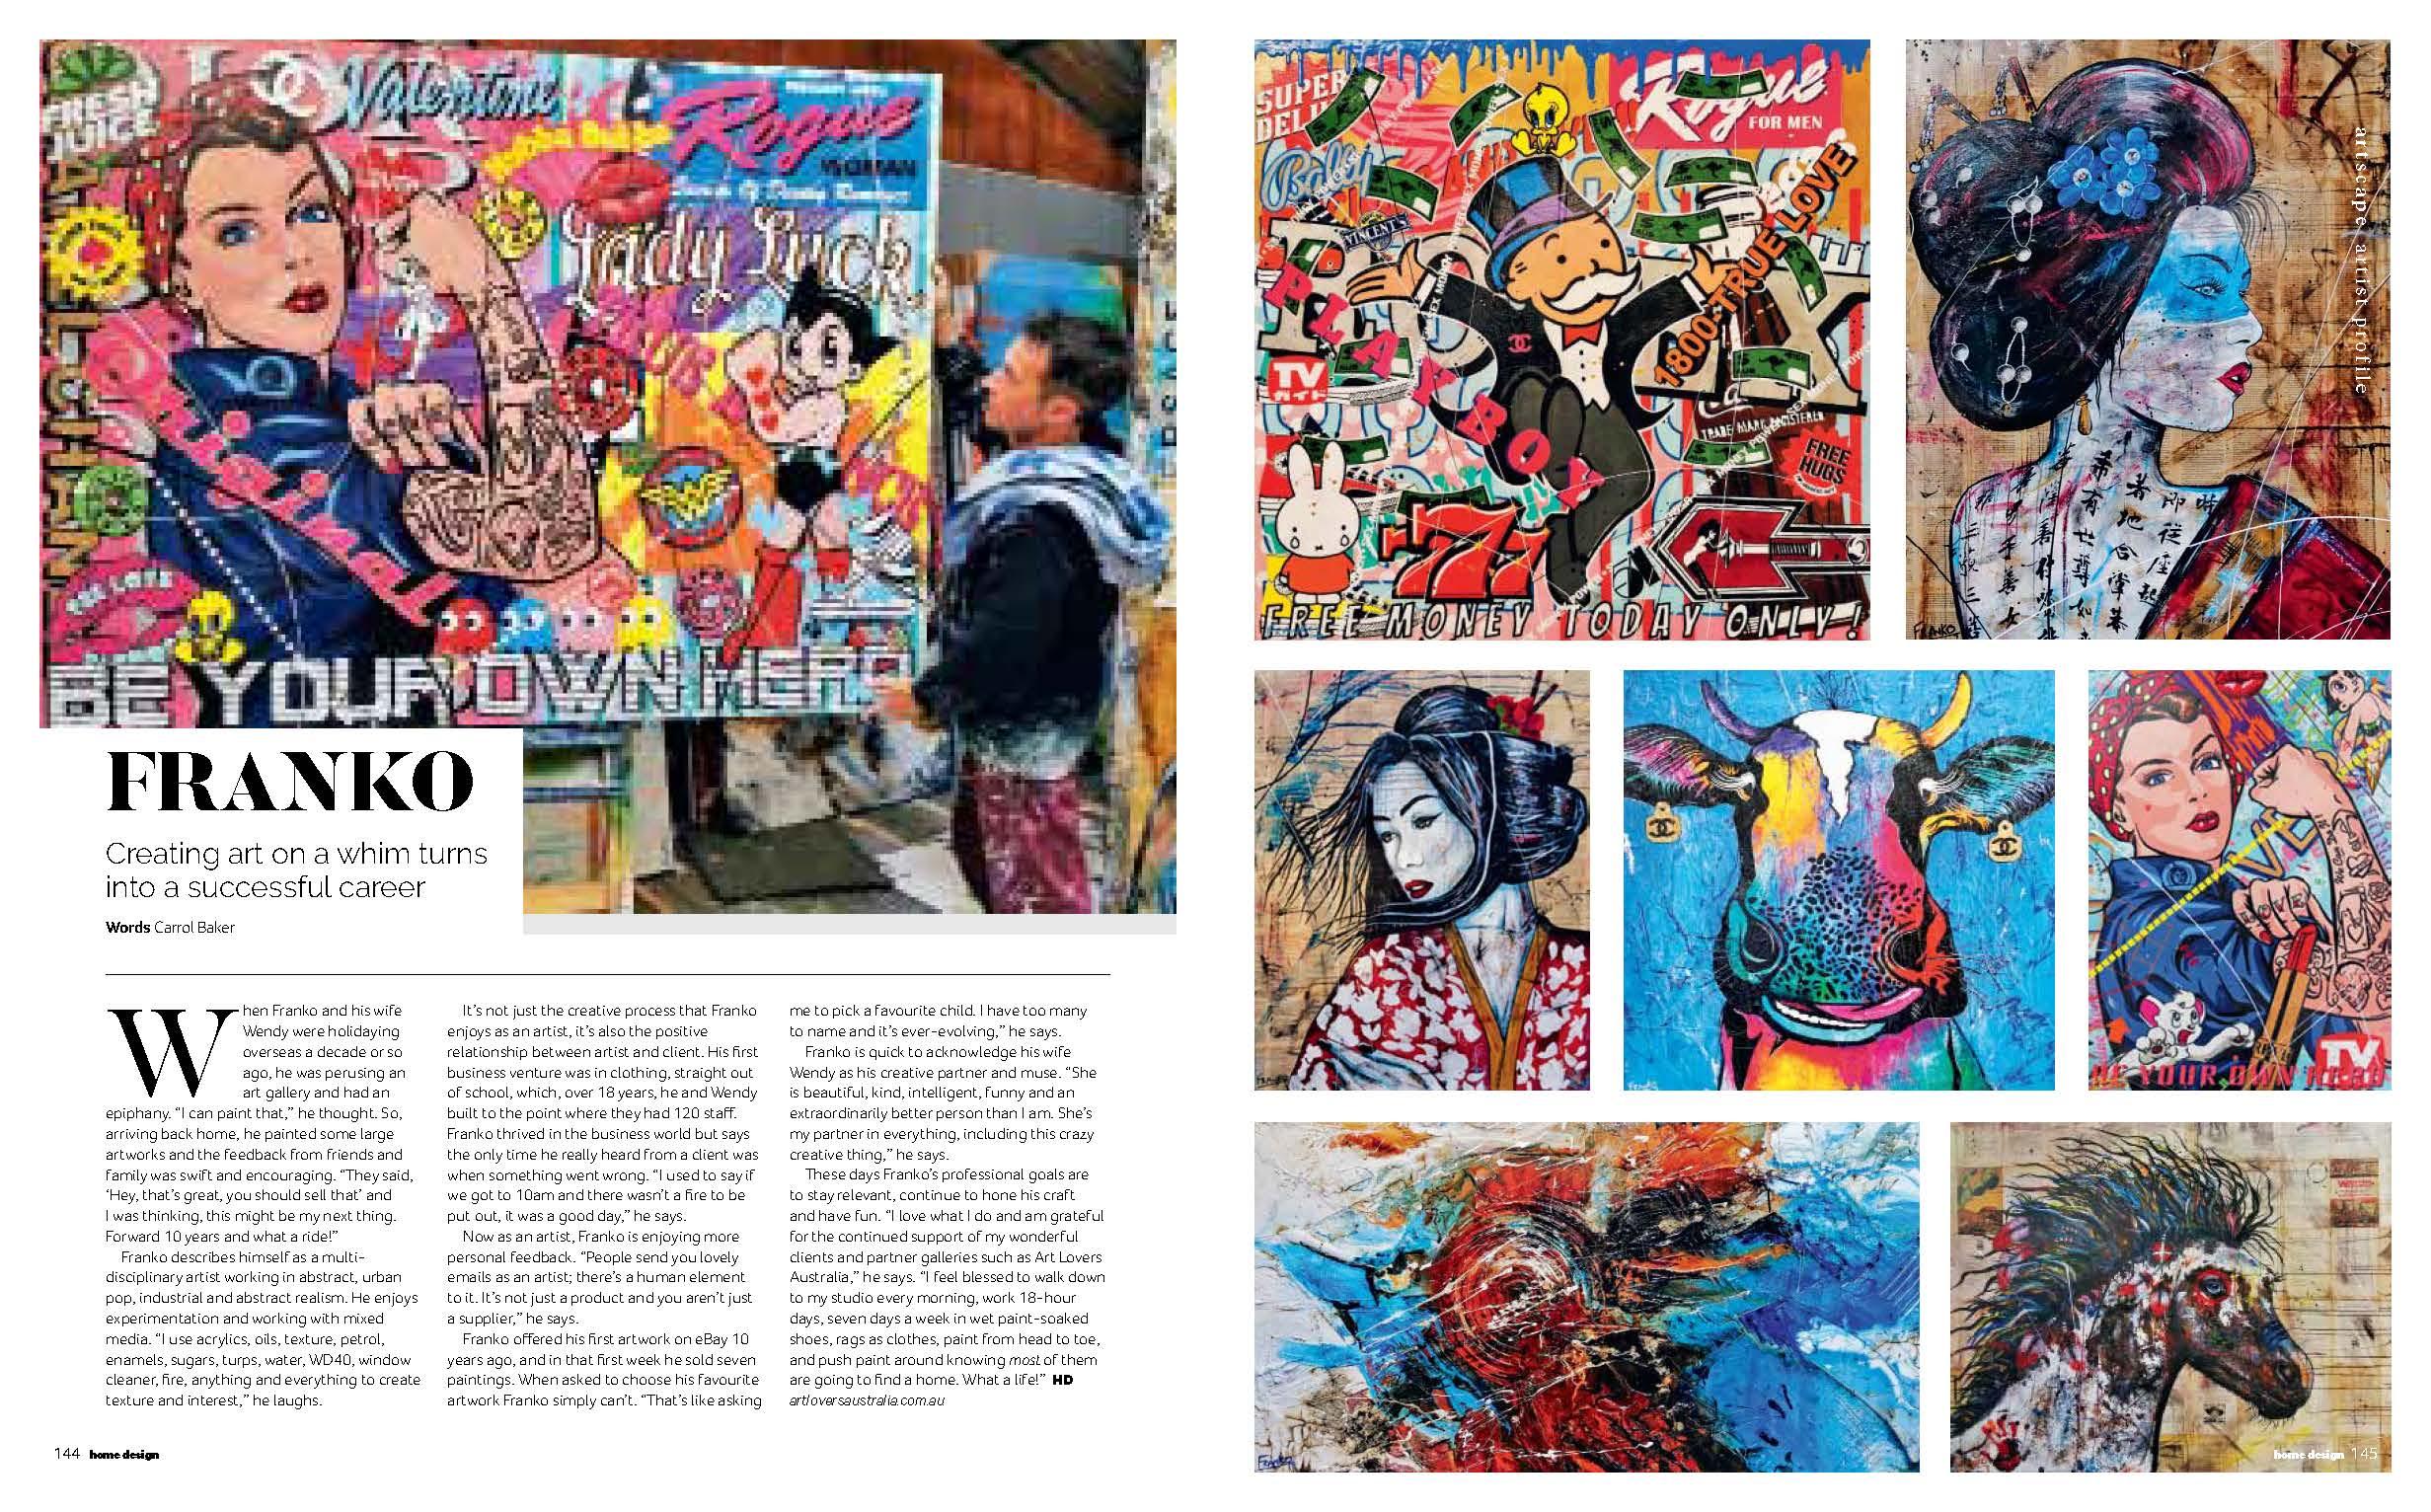 Lhd232 144 145 Artist Prof Art Lovers (1)